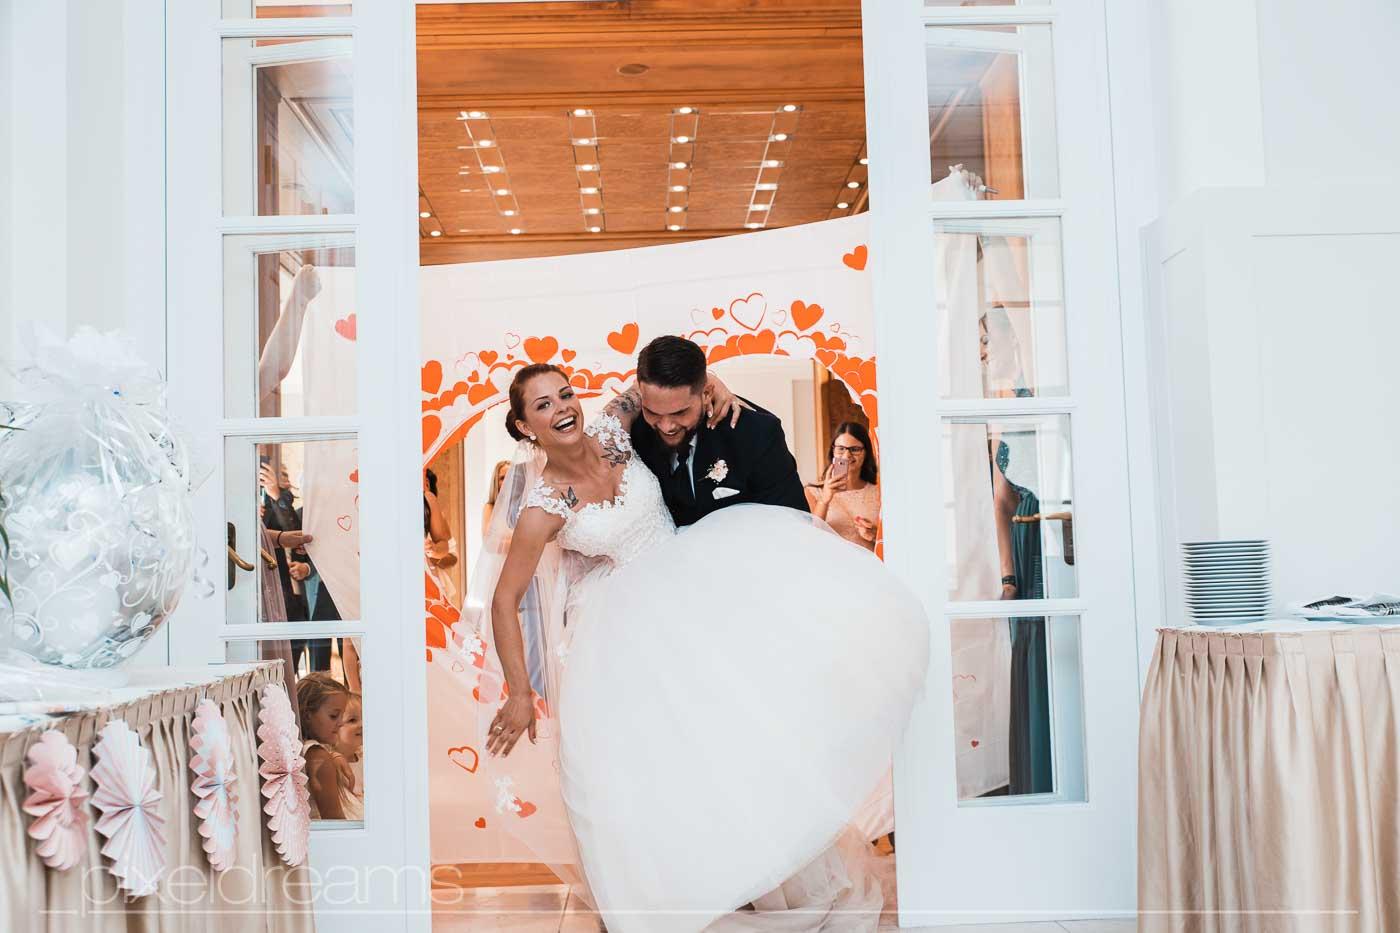 Polnische Hochzeit Hochzeitsfotograf fotografiert polnisches Brautpaar